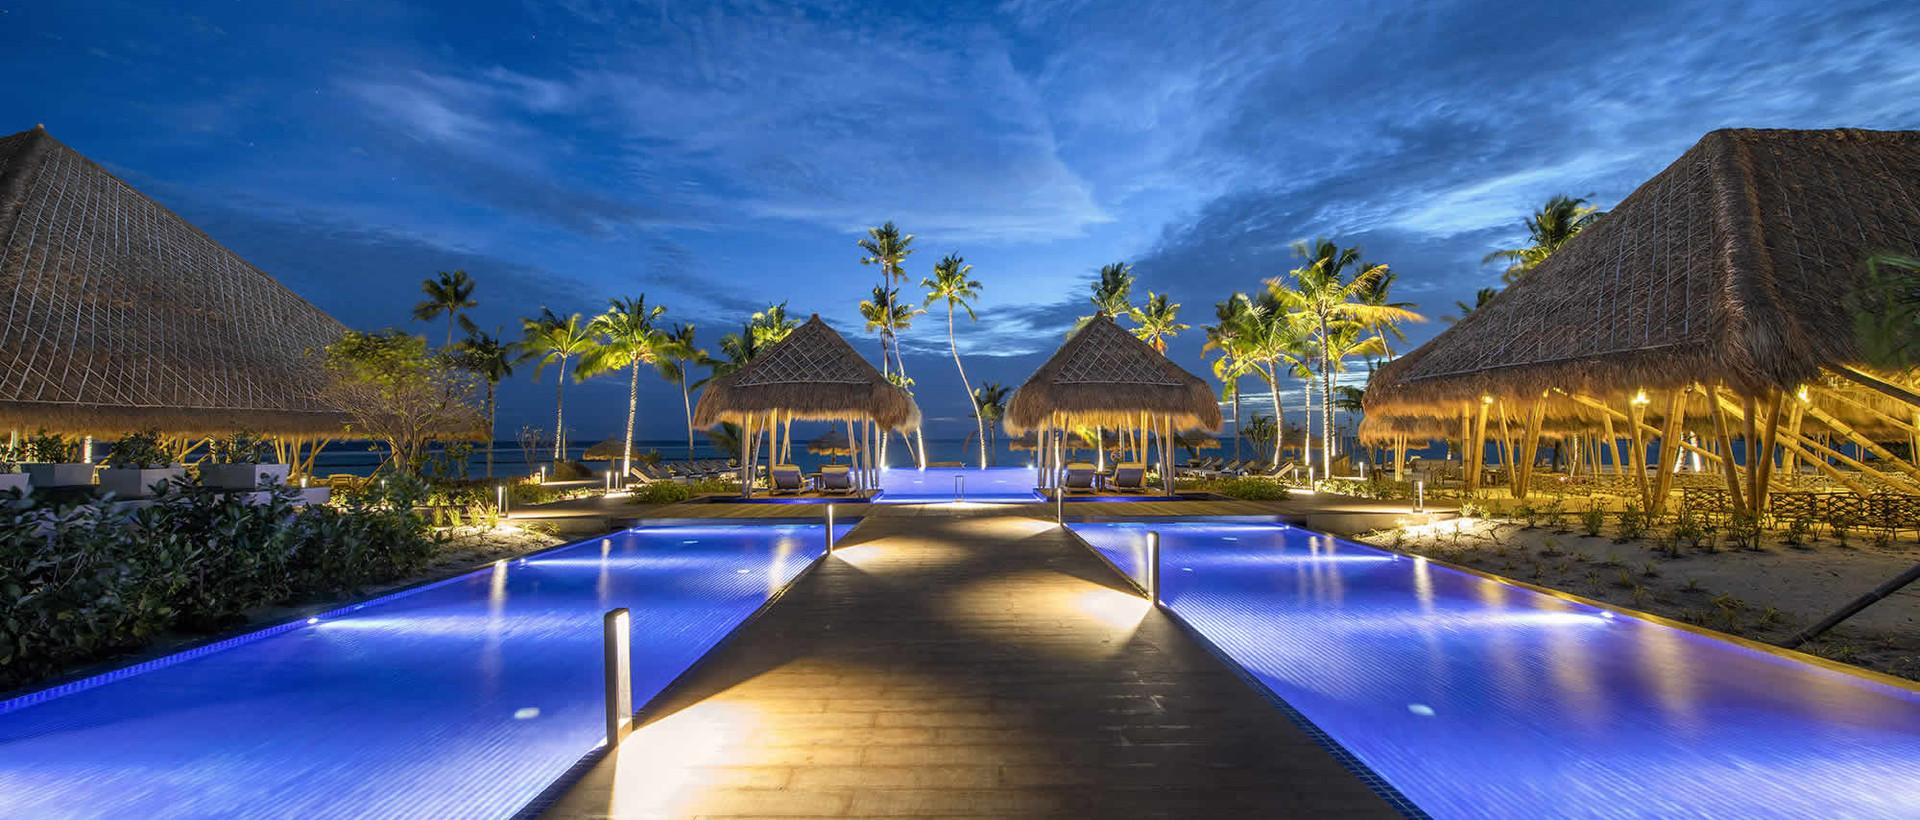 Emerald Maldives - Topo Design Studio (1